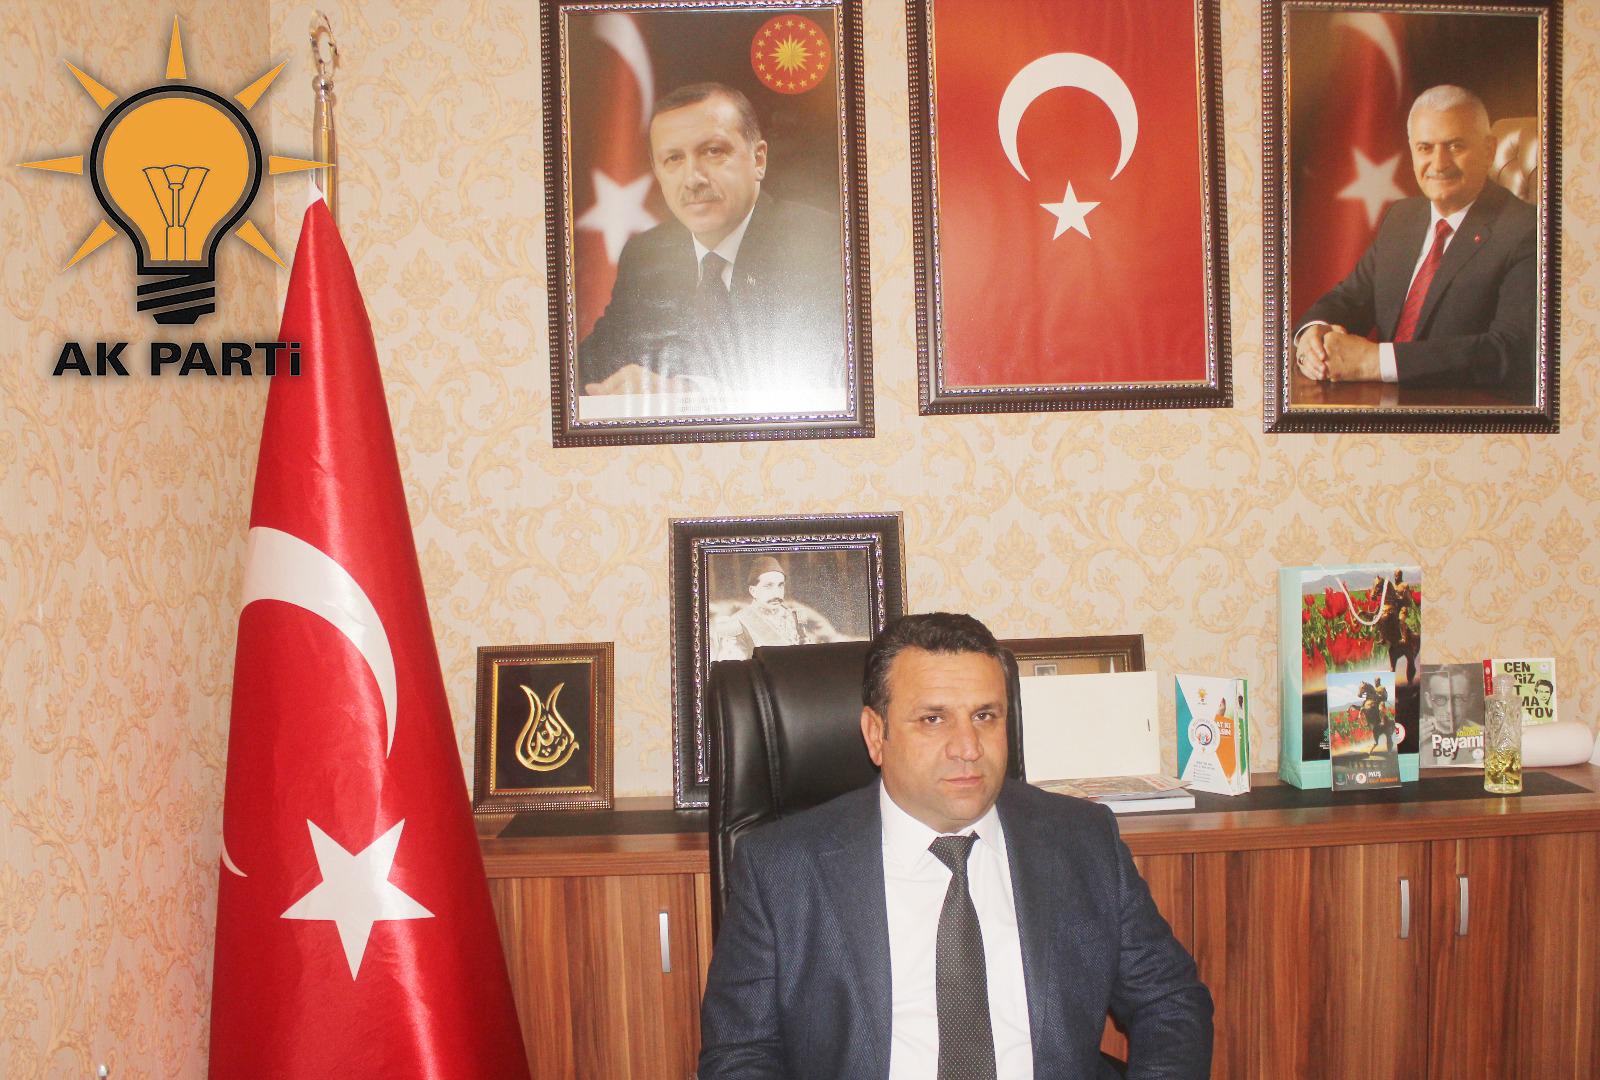 """AK Parti İlçe Başkanı Mehmet Kurt; """"Yeni Yılınız Kutlu Olsun"""""""